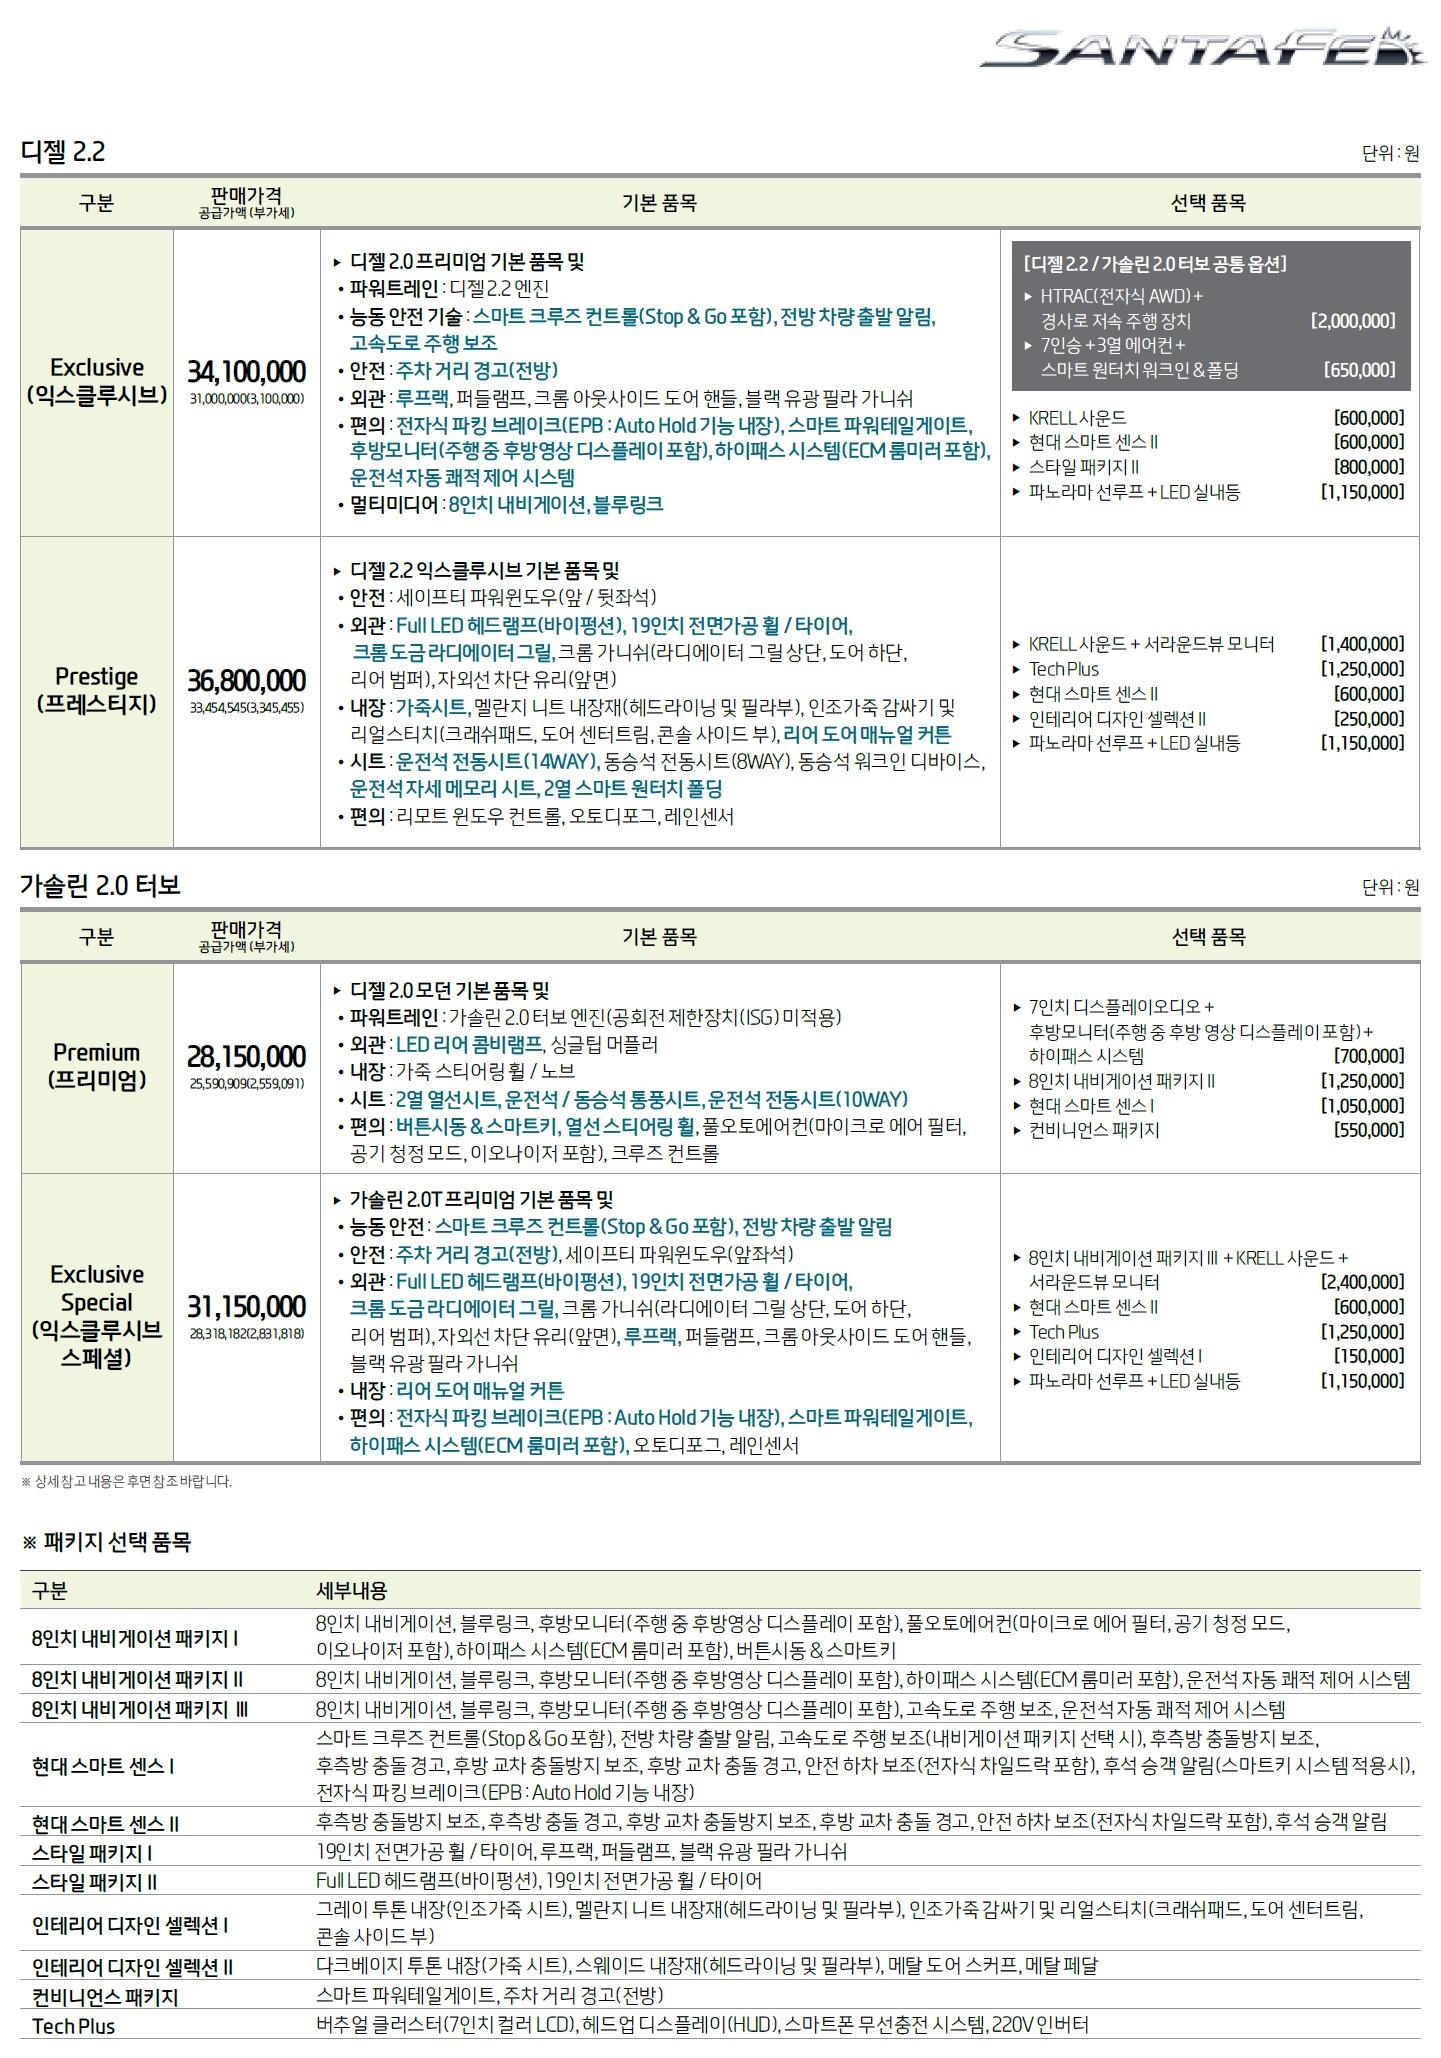 싼타페TM 가격표 - 2018년 06월 -2.jpg